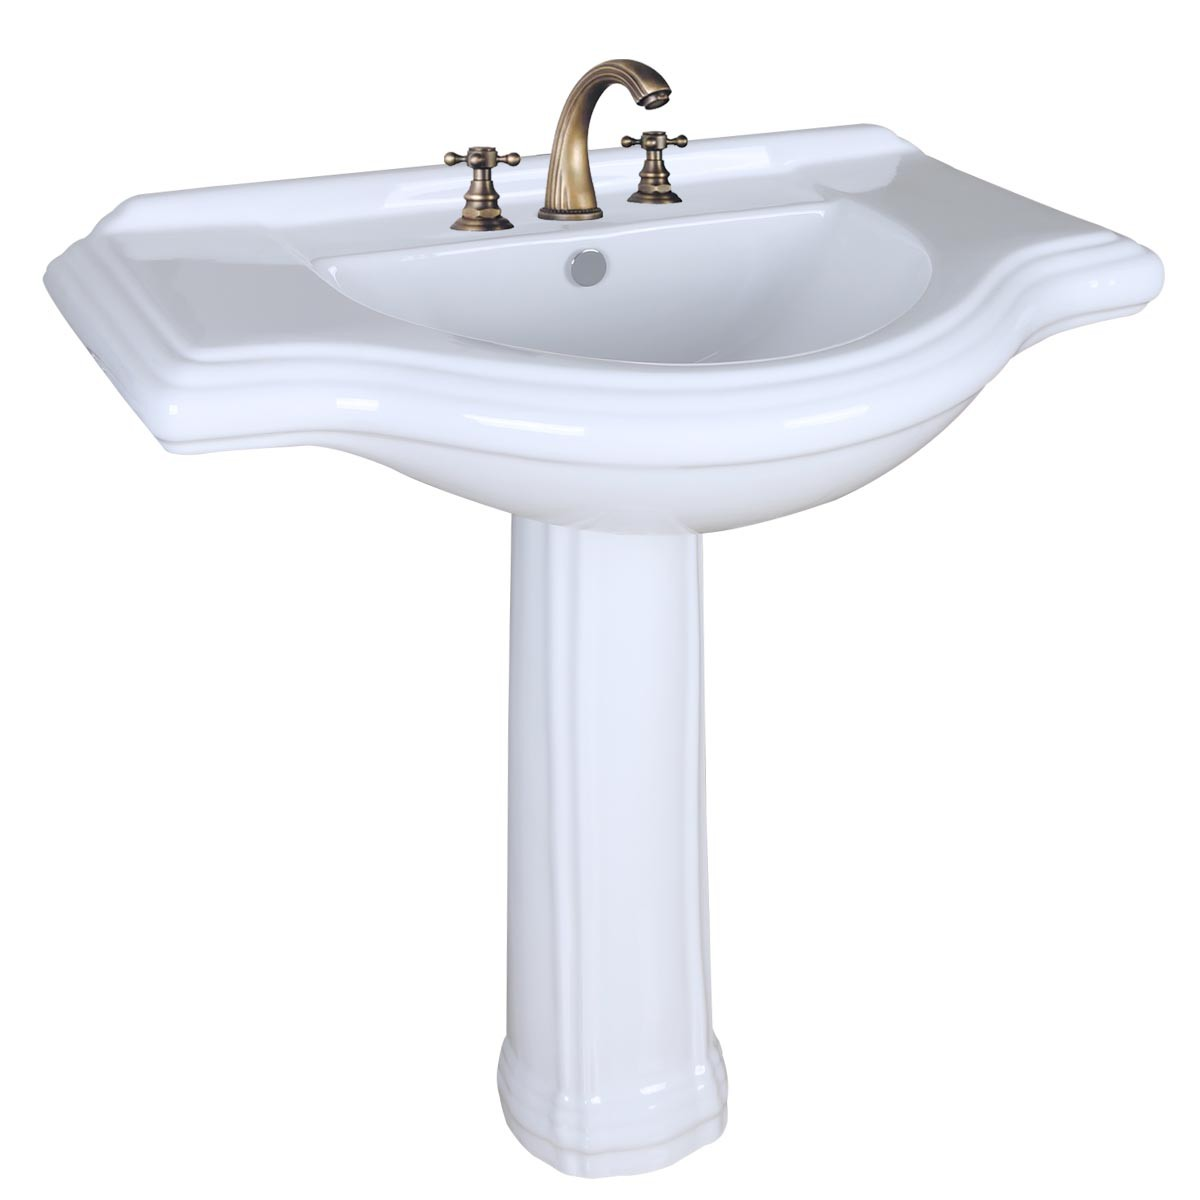 Large Pedestal Sink : Home Bathroom Pedestal Sinks Large Deluxe Pedestal Sinks